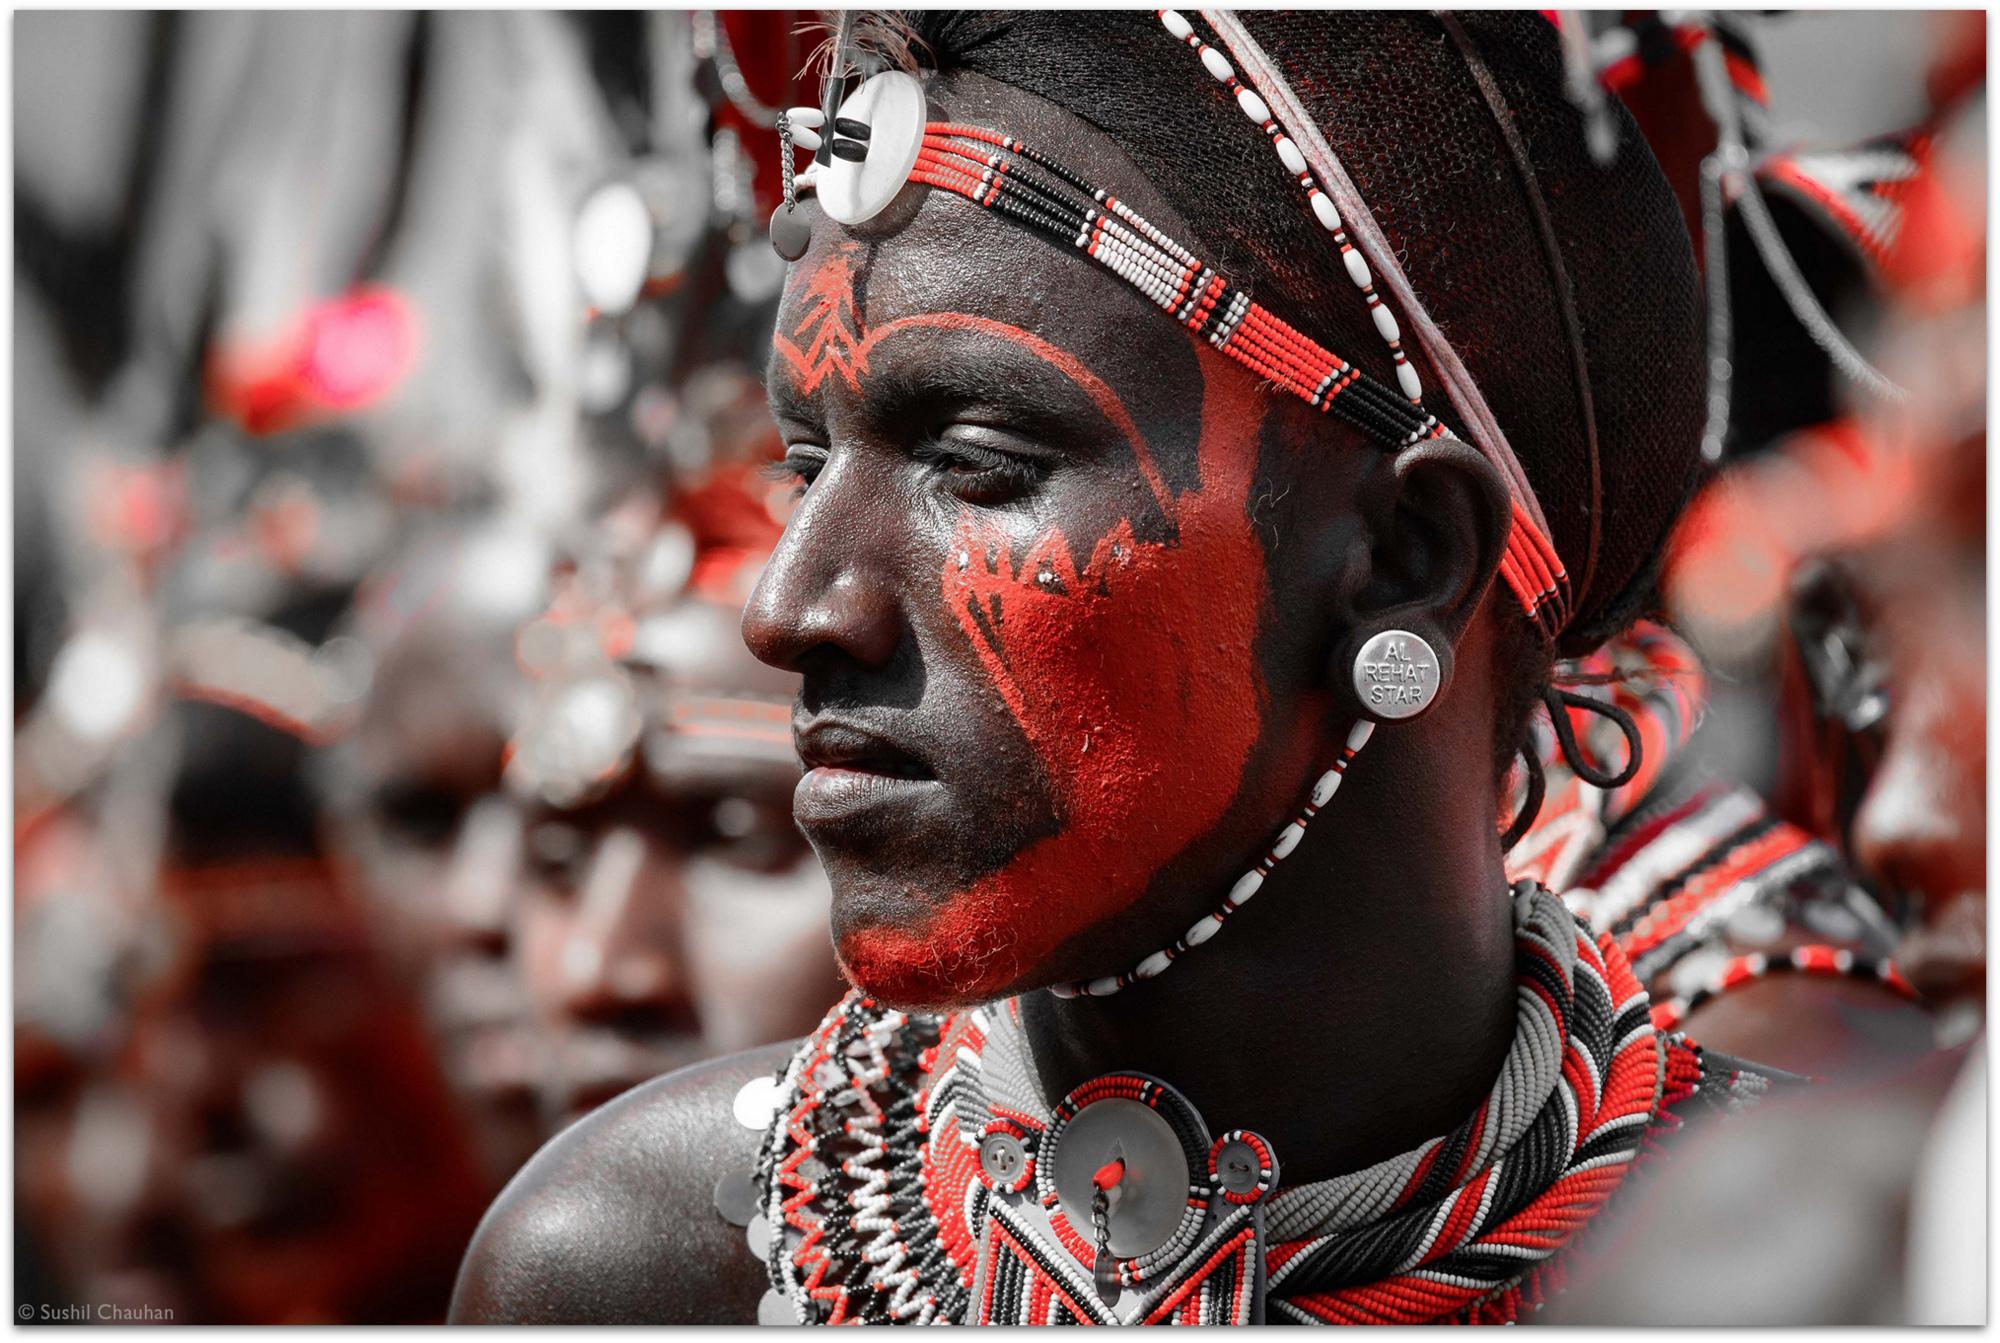 Cultural festival at Lake Turkana, Kenya © Sushil Chauhan